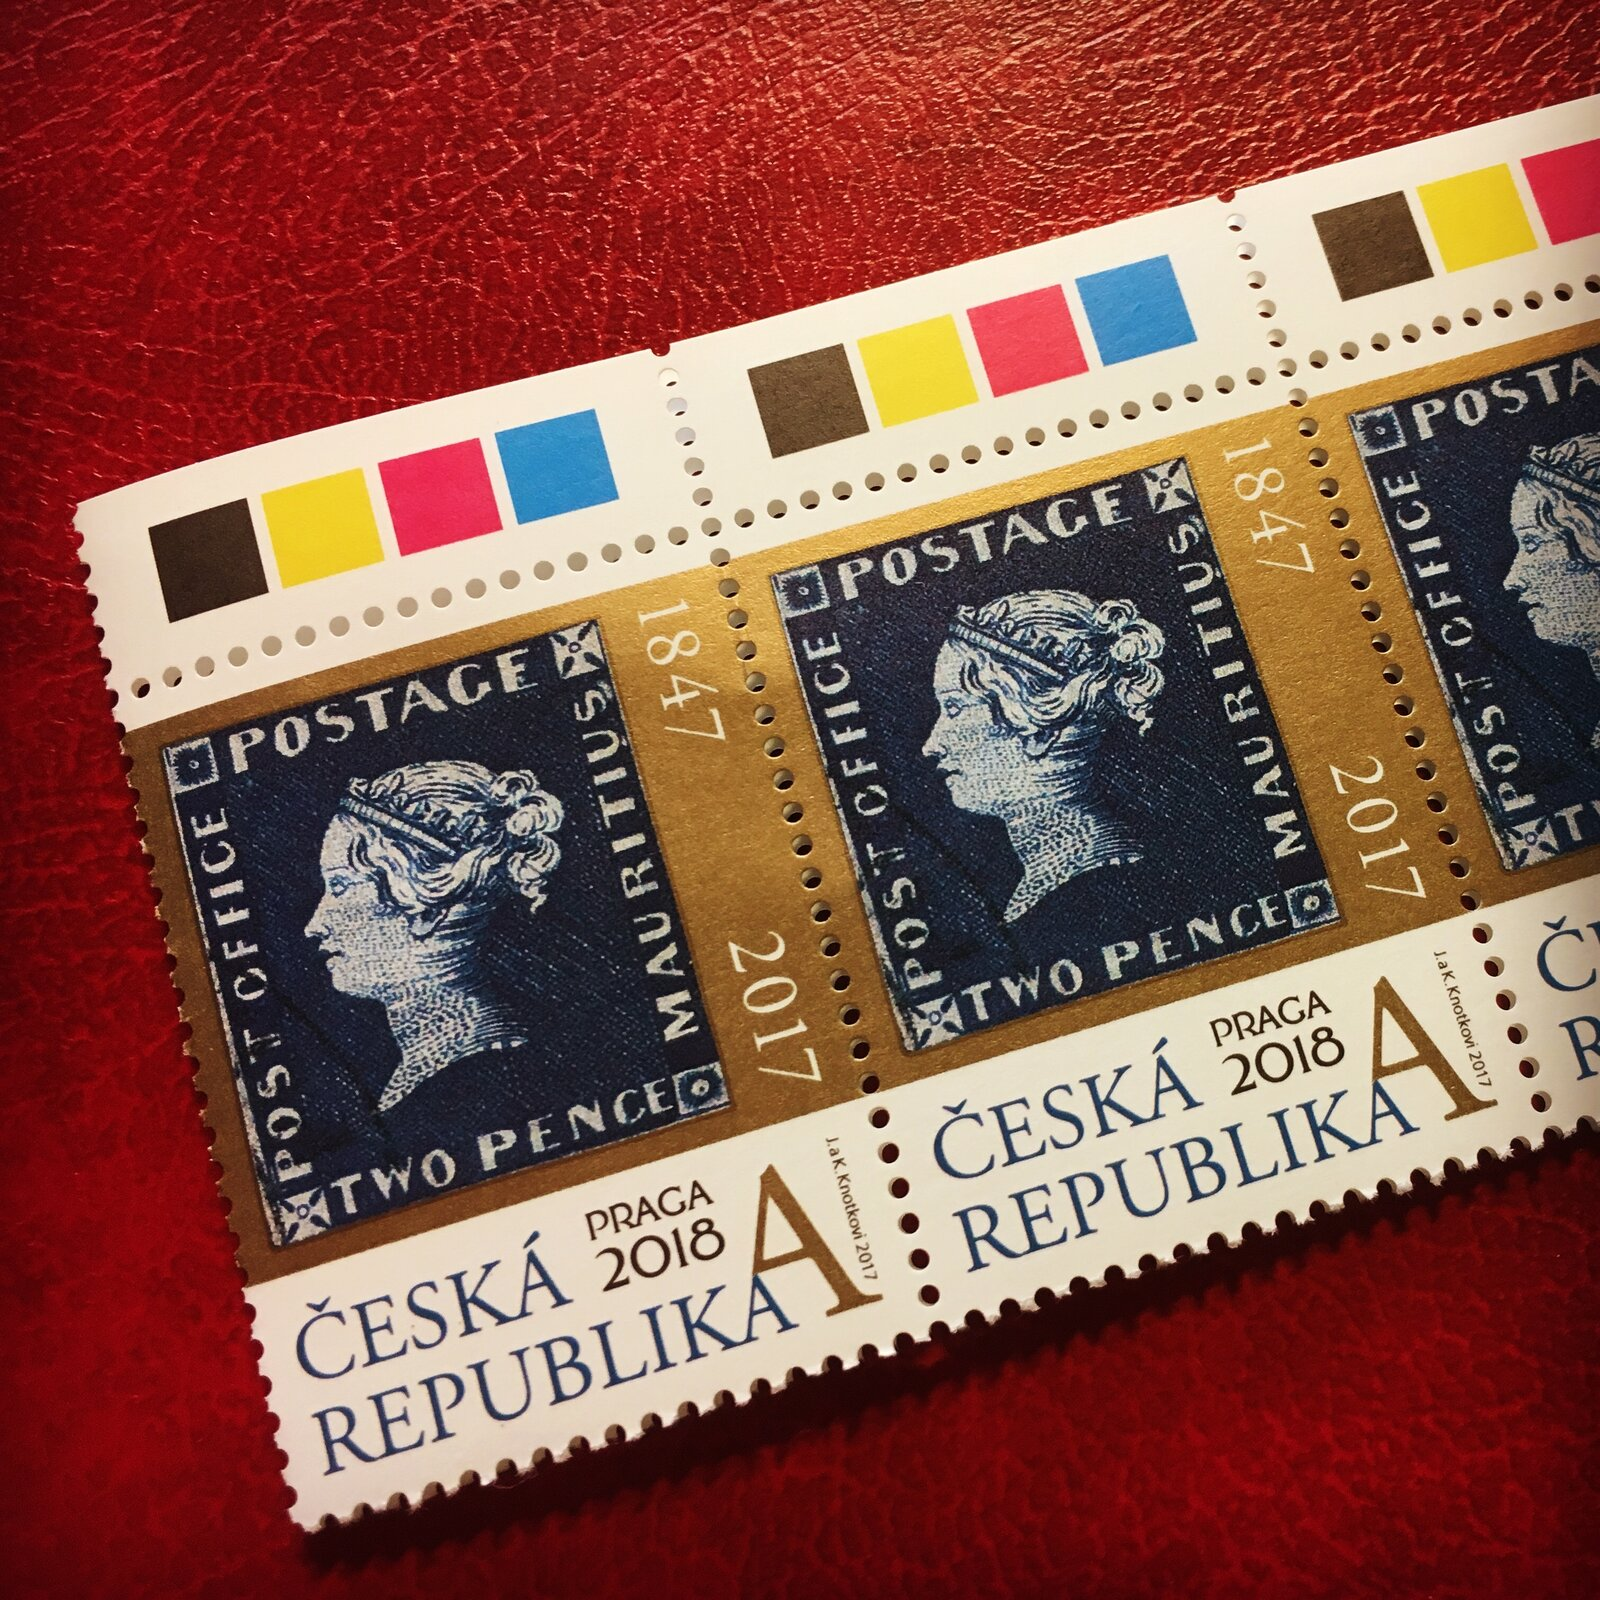 марка, выпущенная Чешской Почтой